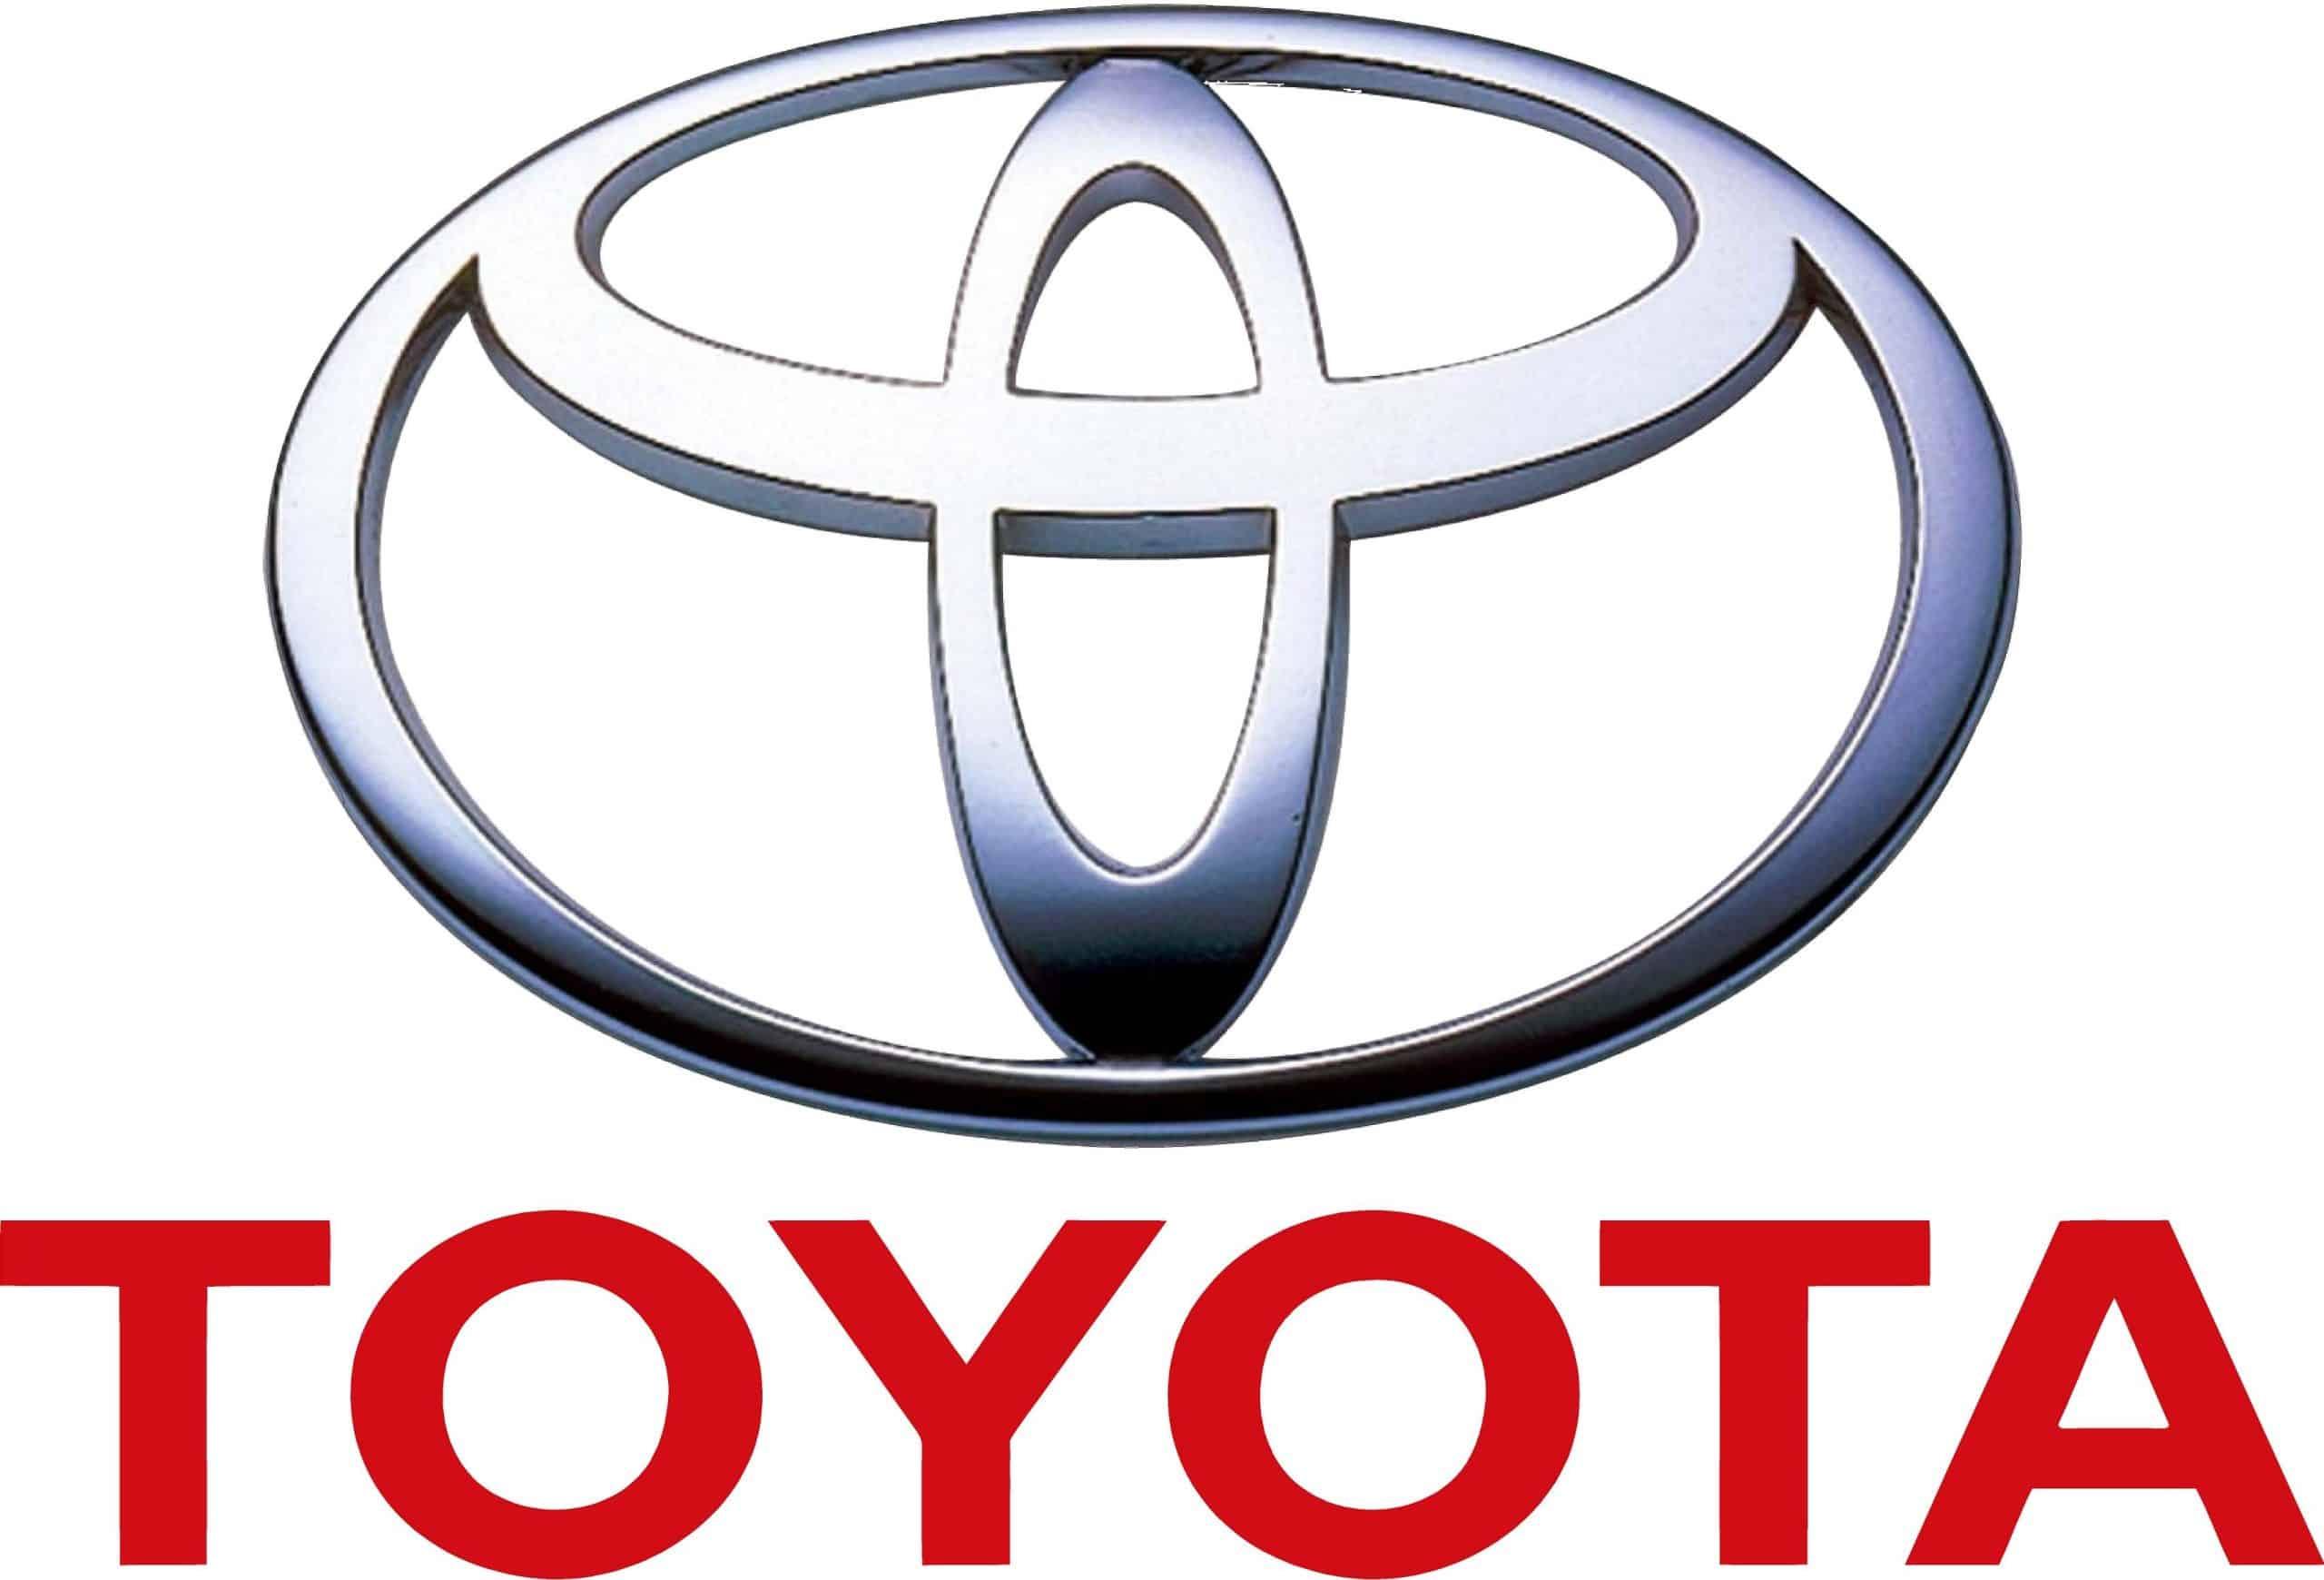 Toyota ve Lexus Sahipleri Röle Saldırısı ile Hırsızlığa Karşı Uyarıldı!